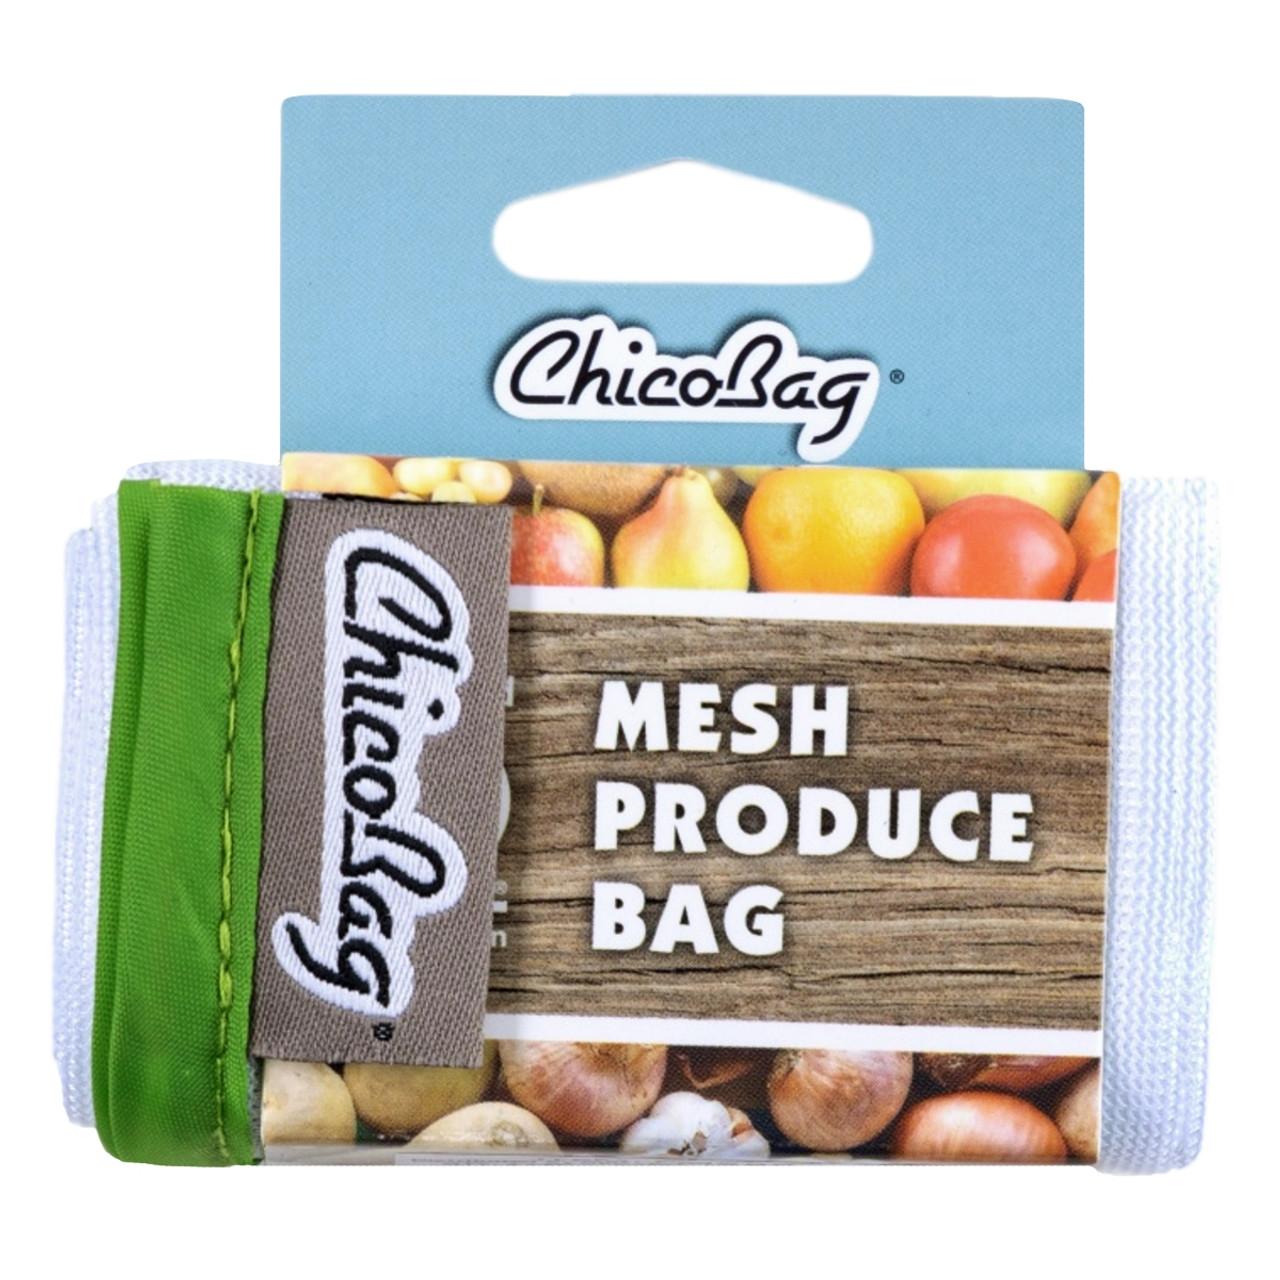 ChicoBag Mesh Reusable Produce Bag